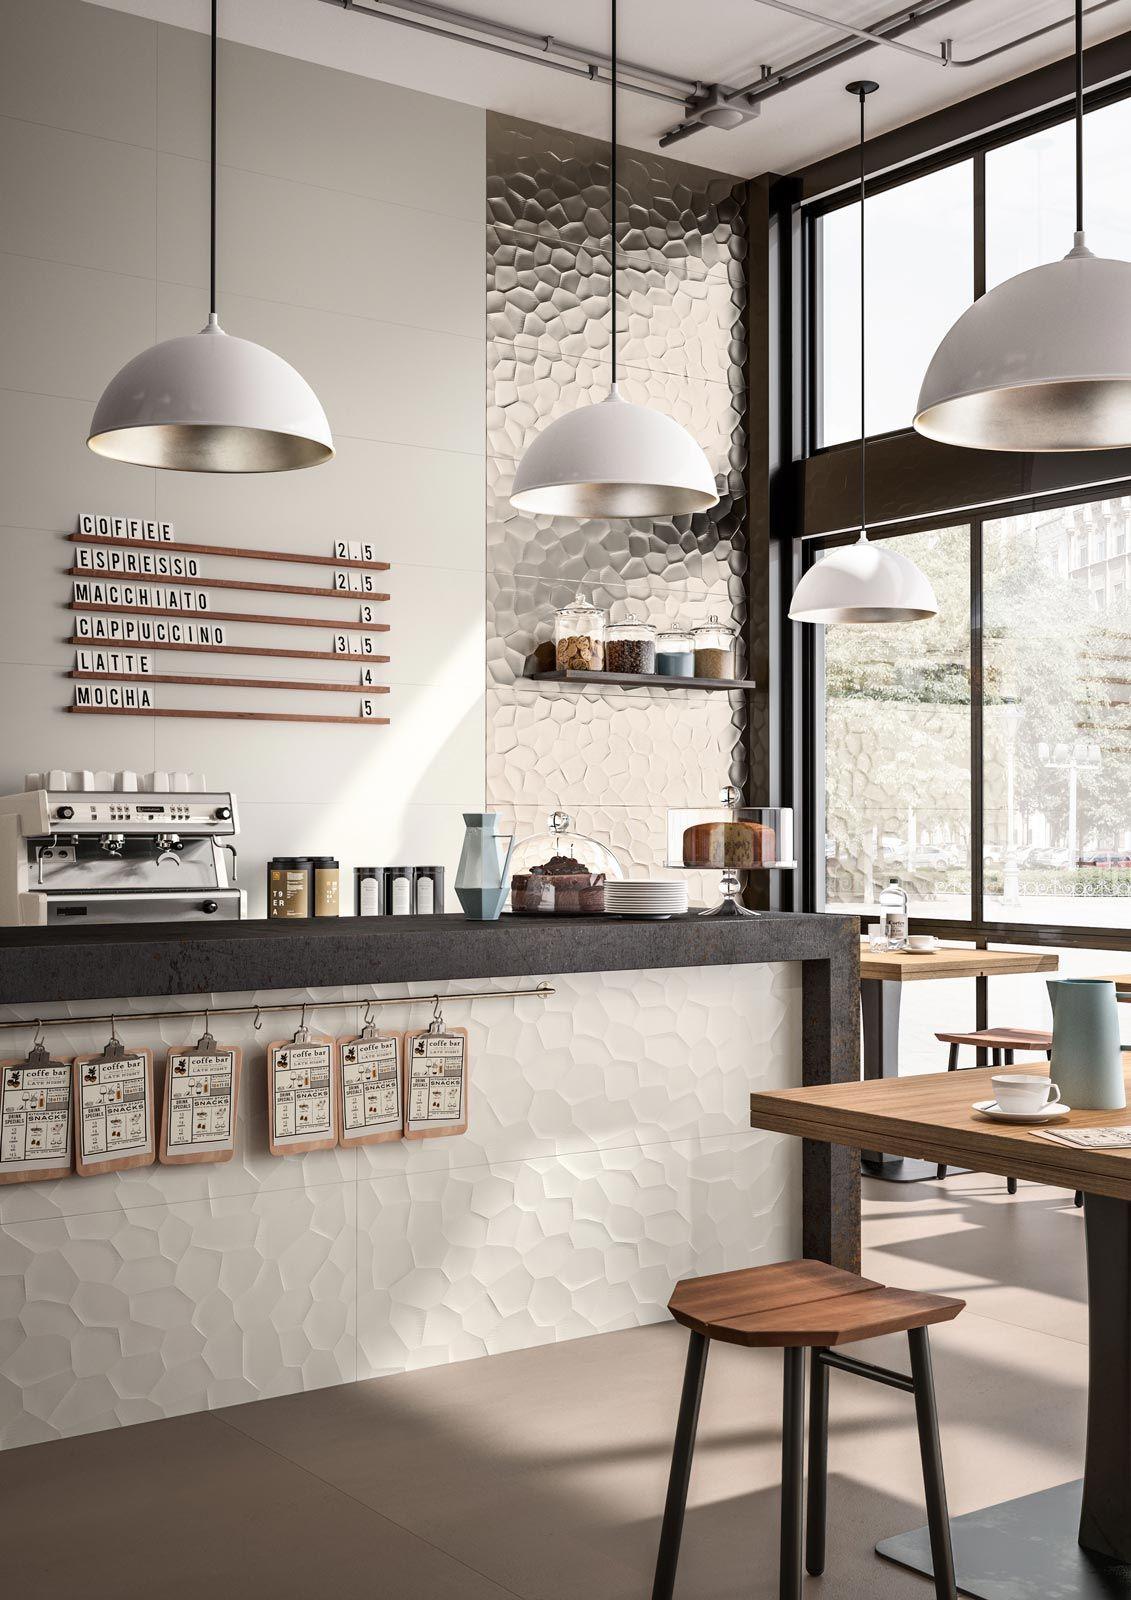 essenziale carrelage blanc pour salle de bain structures 3d marazzi restaurant en 2019. Black Bedroom Furniture Sets. Home Design Ideas